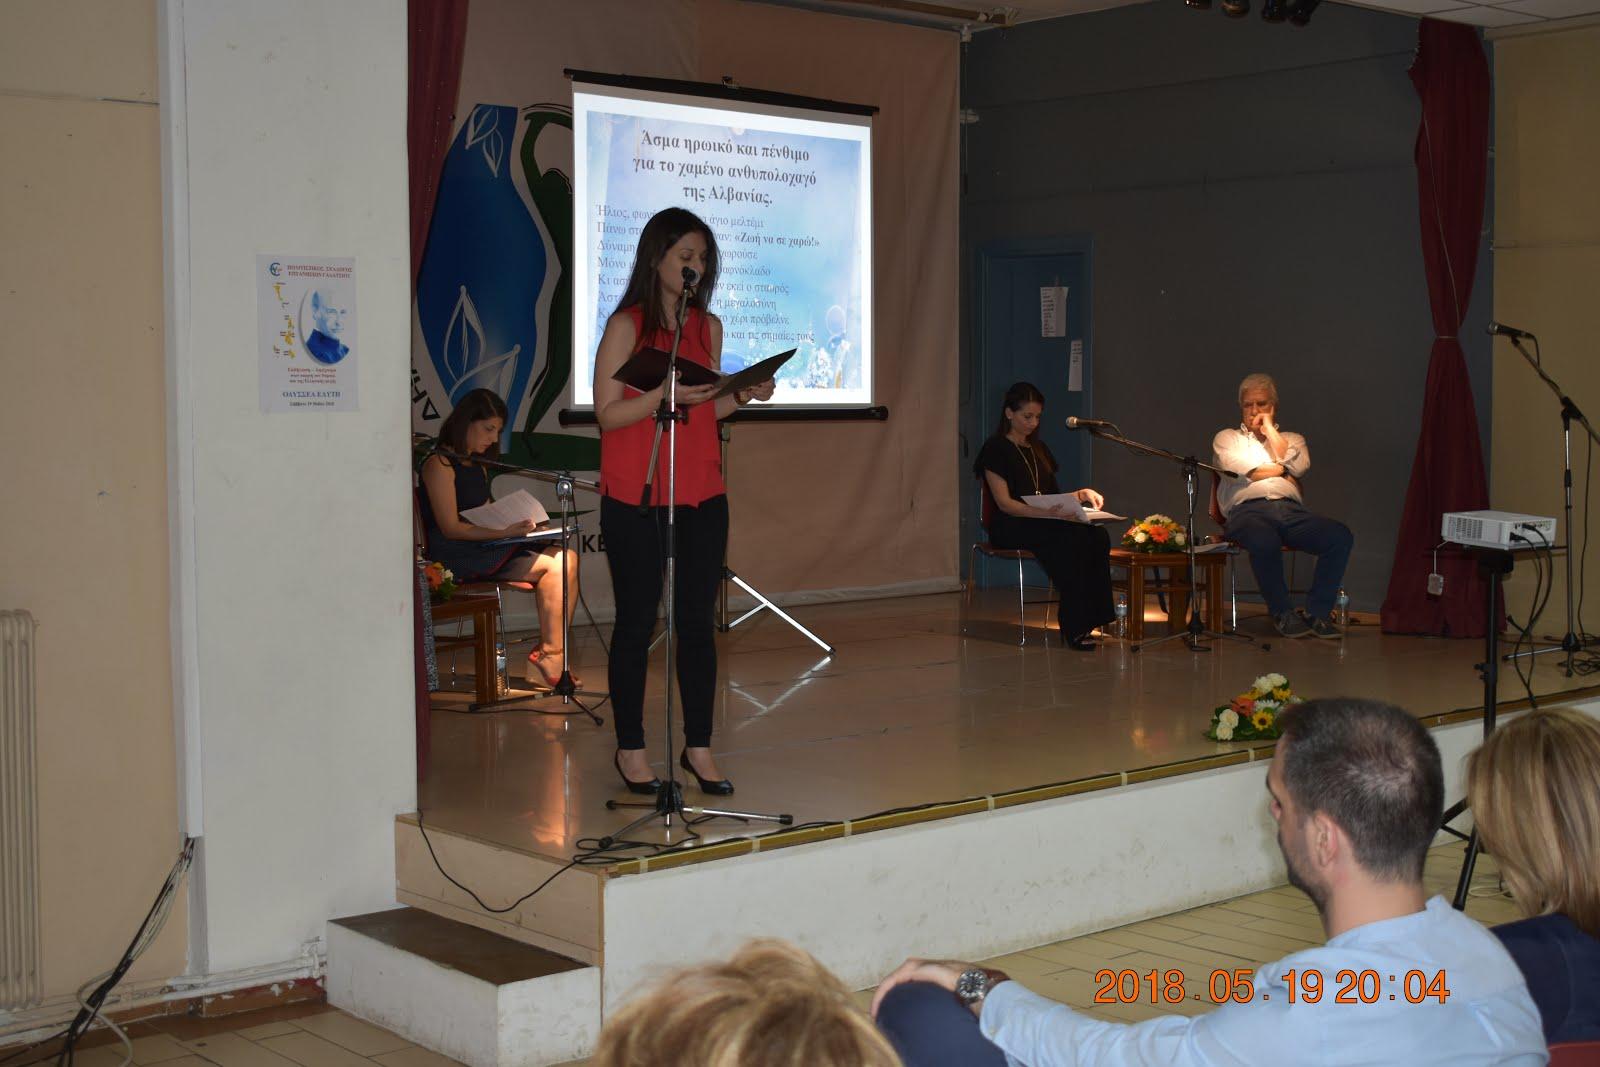 Ο Σύλλογος Επτανησίων Γαλατσίου παρουσίασε τον ποιητή της Ελληνικής ψυχής Οδυσσέα Ελύτη (video - φω